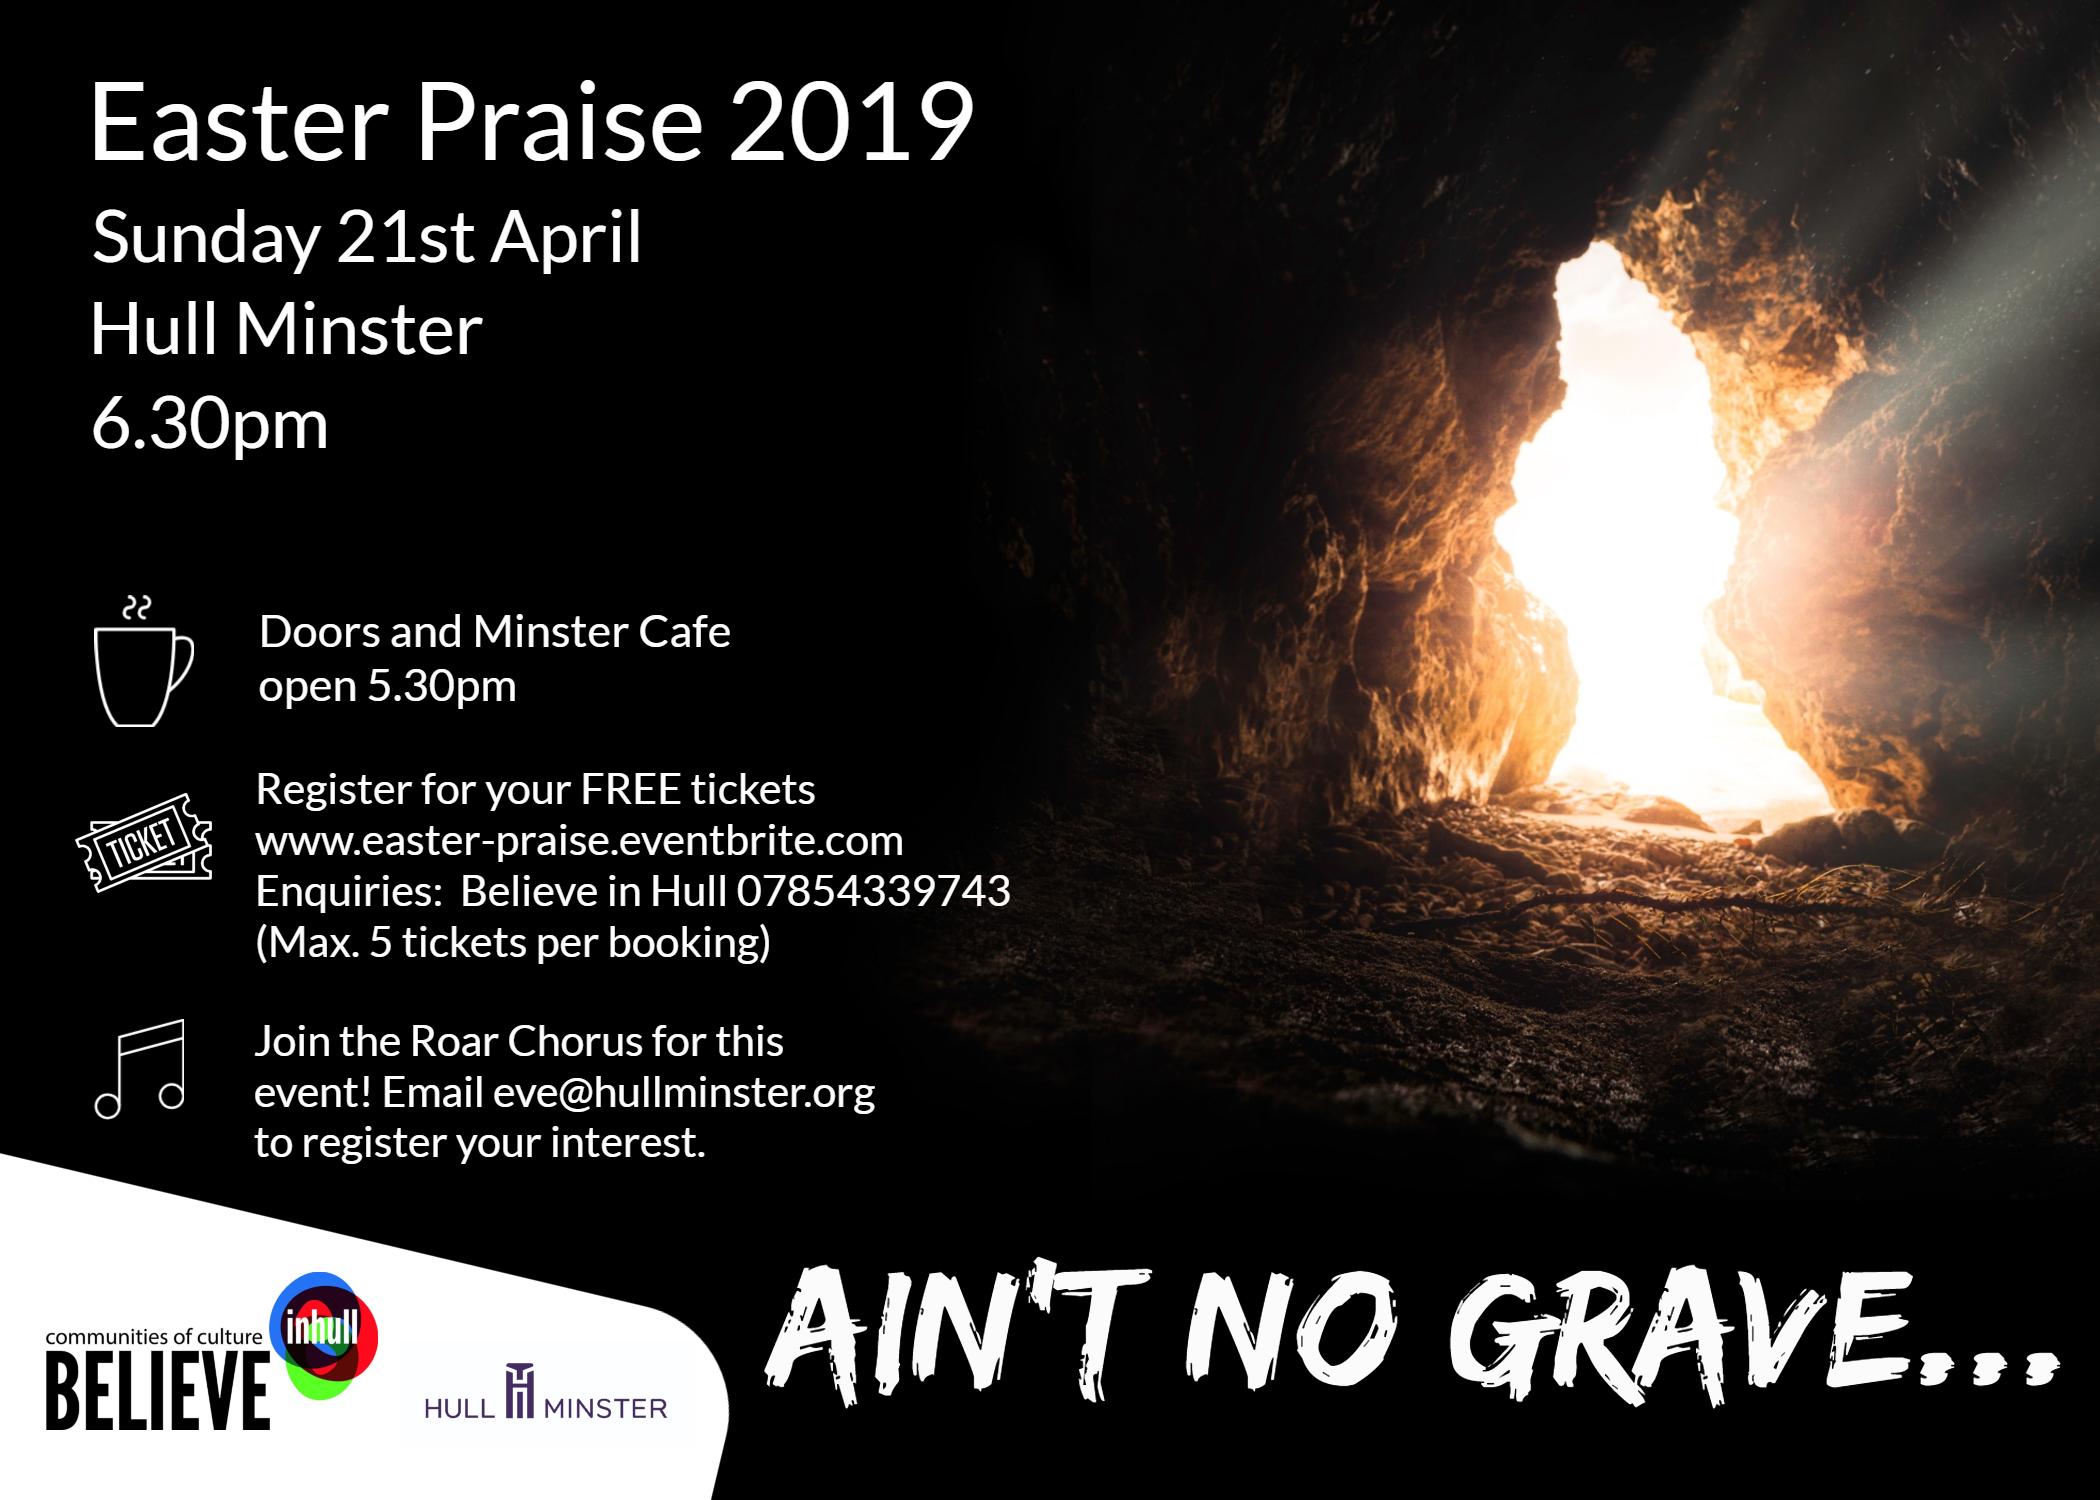 Easter Praise 2019 Poster.jpg